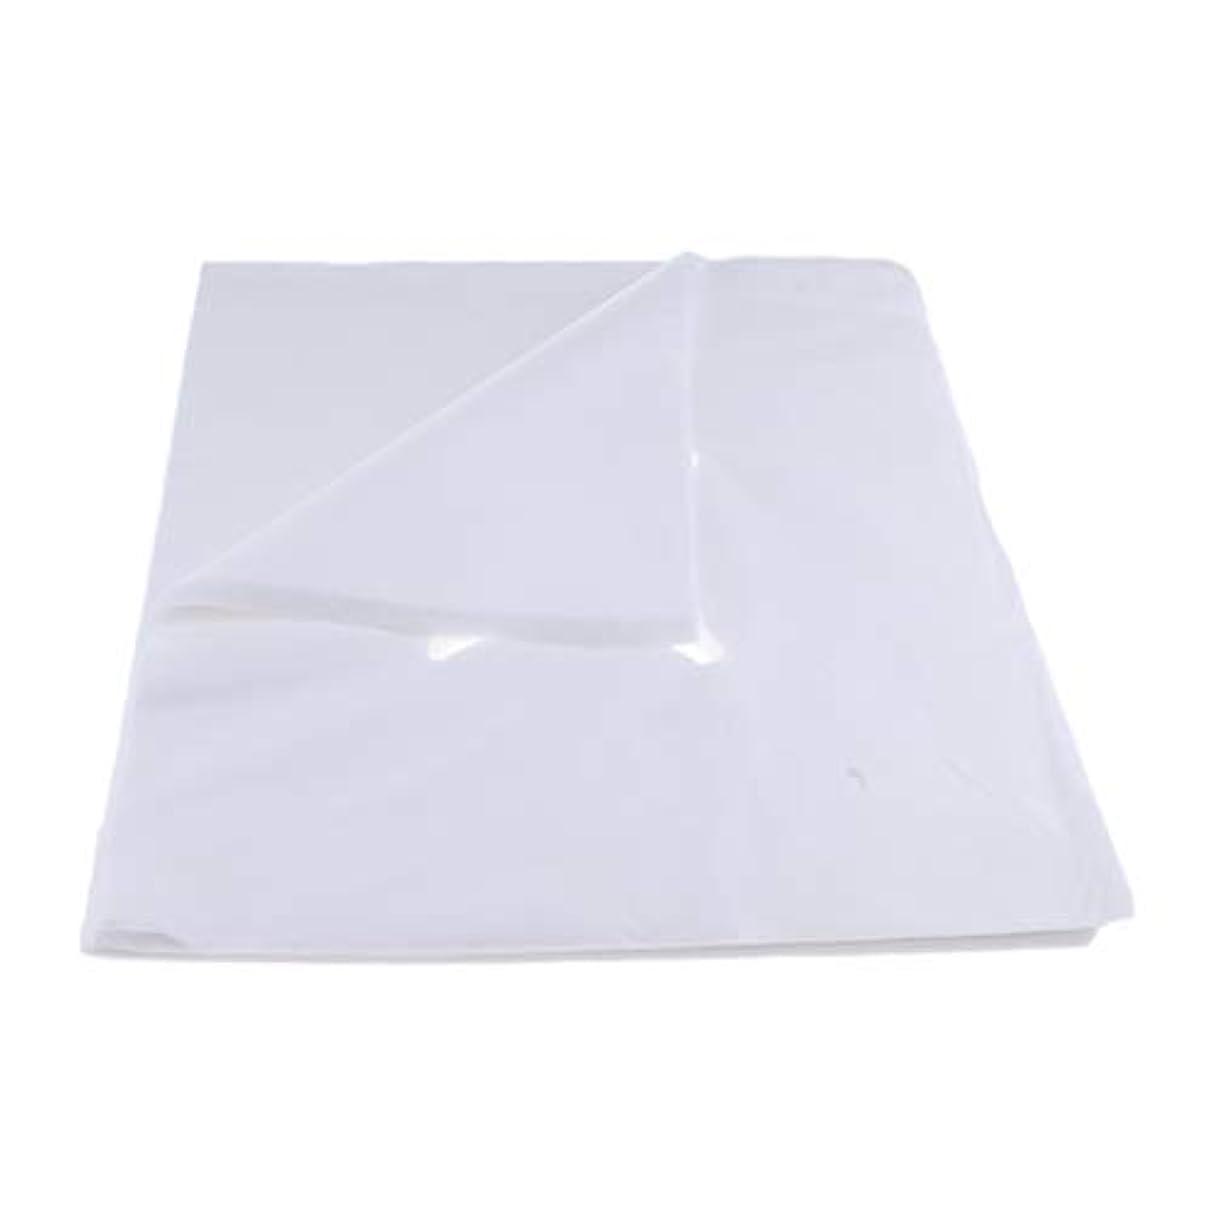 誘惑する休眠虚偽200ピース不織布使い捨てマッサージベッドフェイスクレードルクッションシートカバー - L